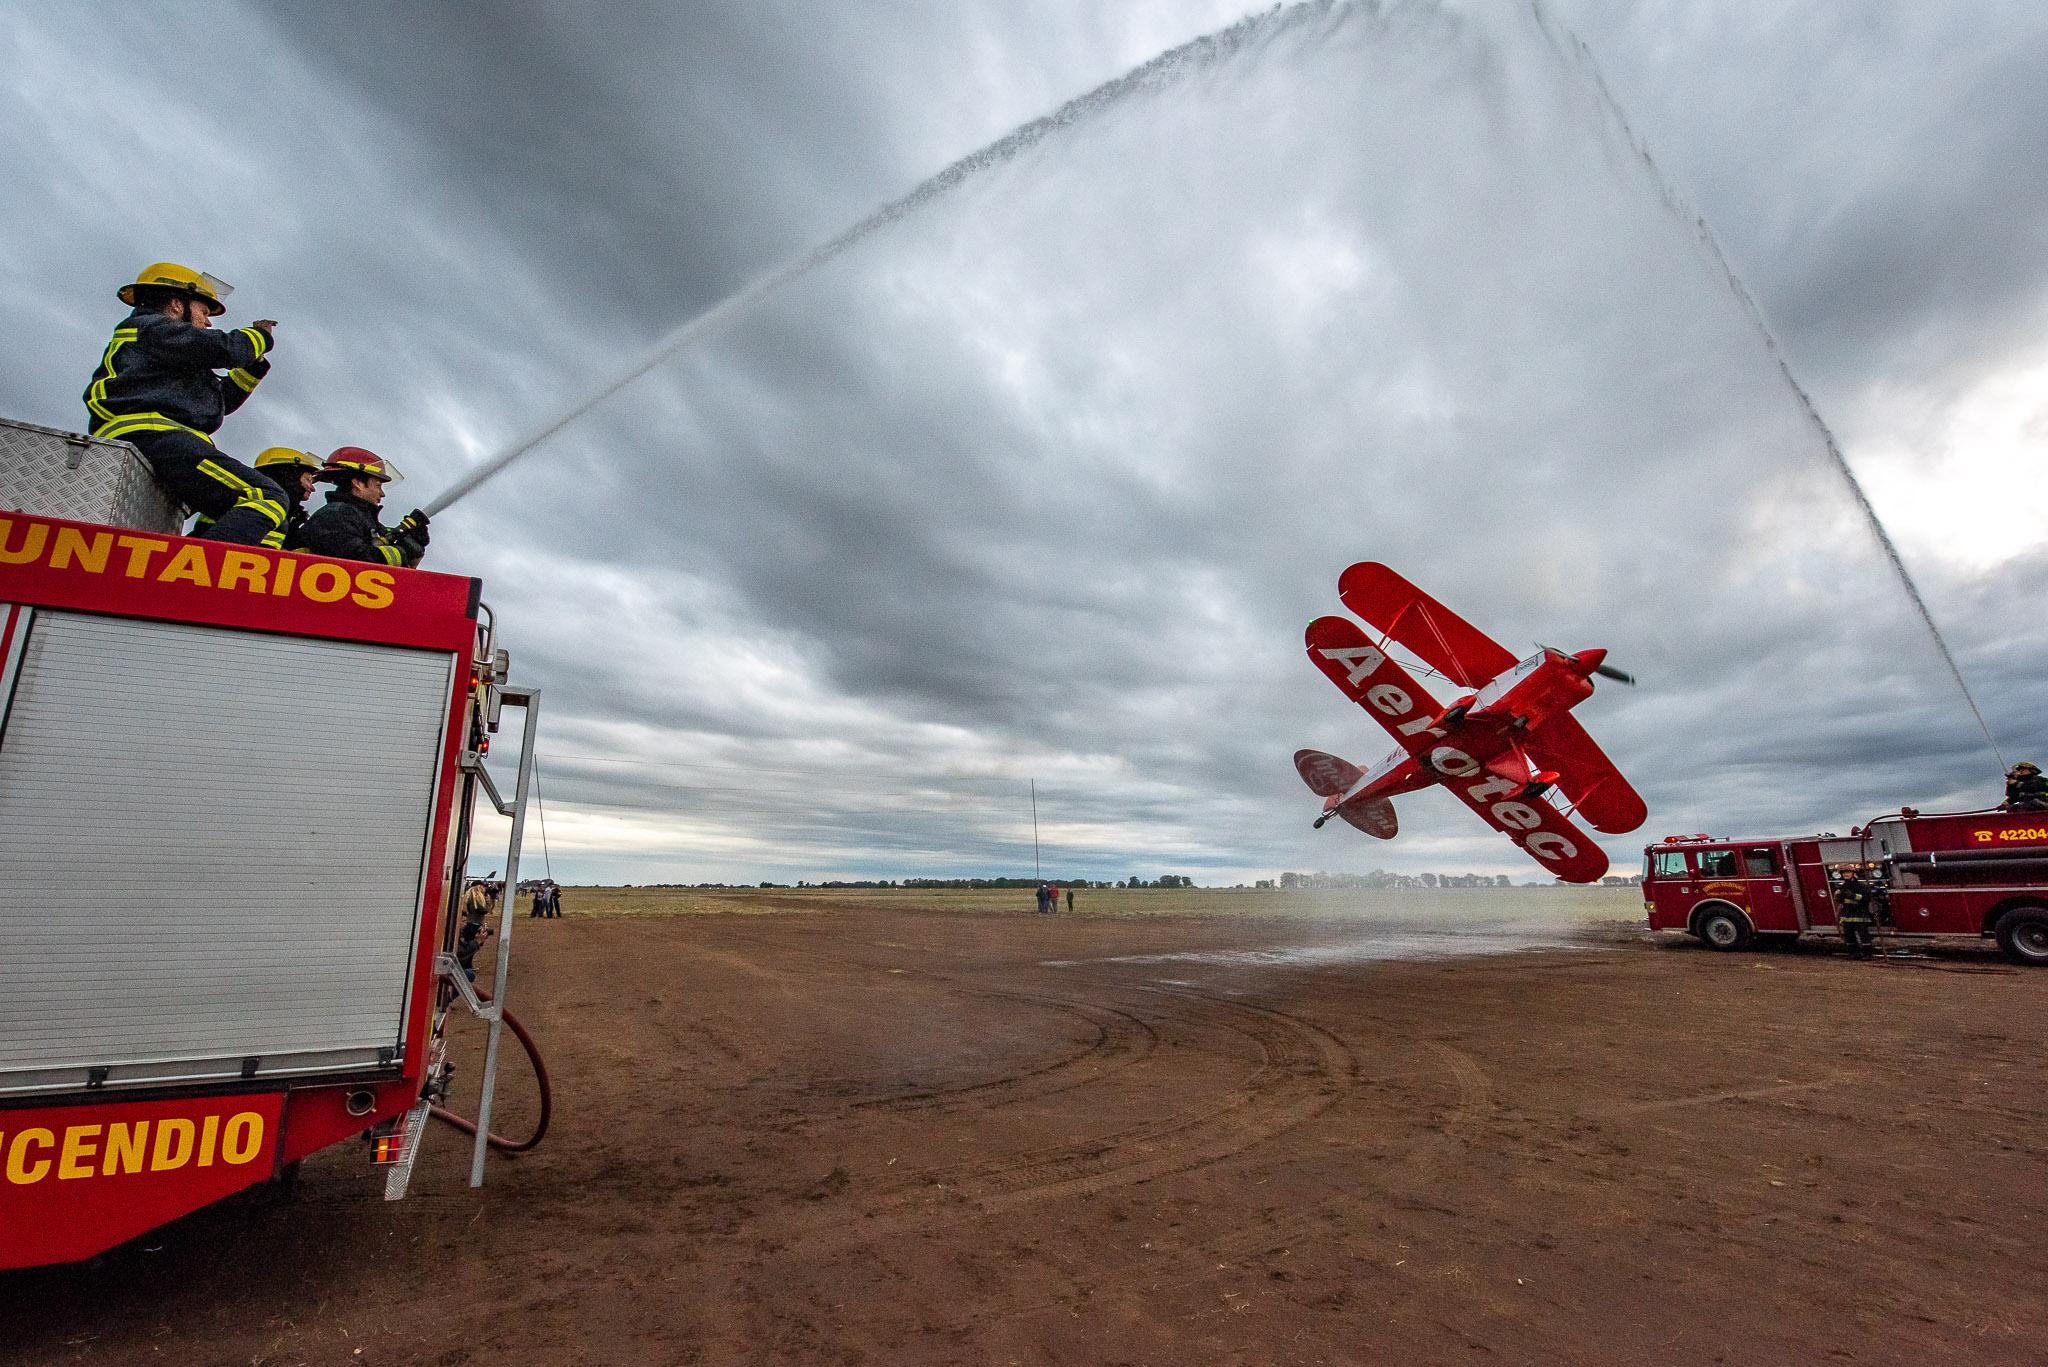 Mirá las 12 fotos en UltraHD del Festival aéreo en General Pico